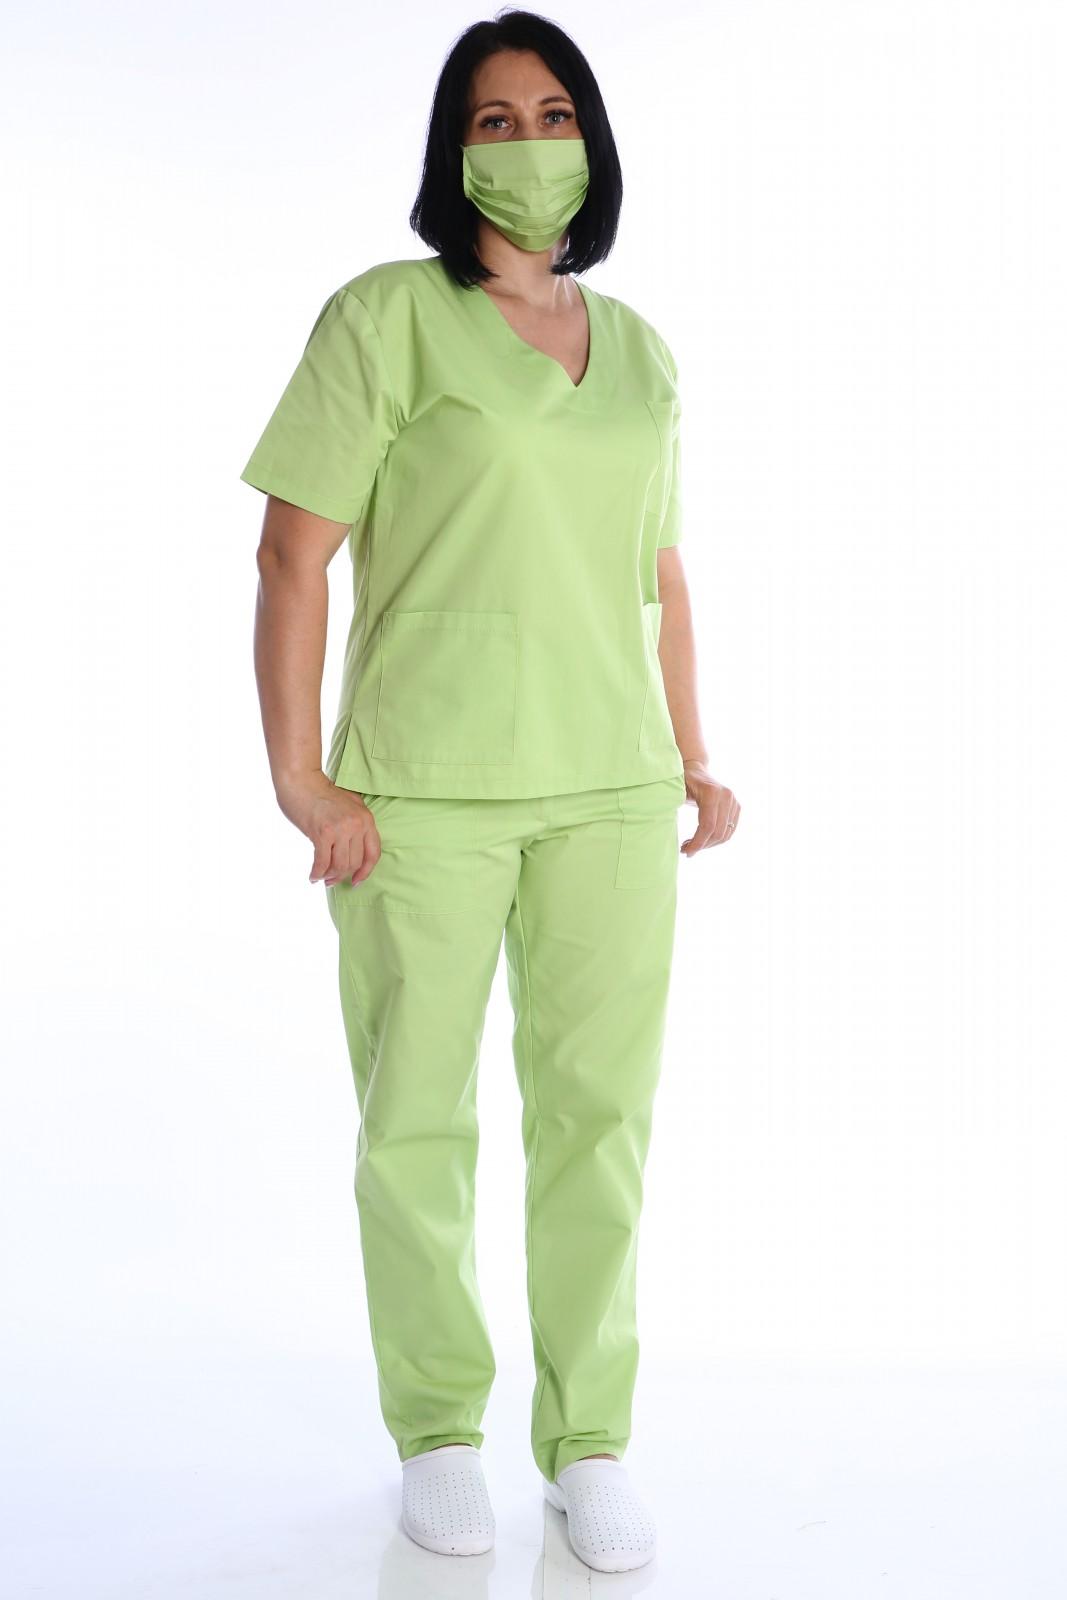 uniforma medicala cu masca de protectie